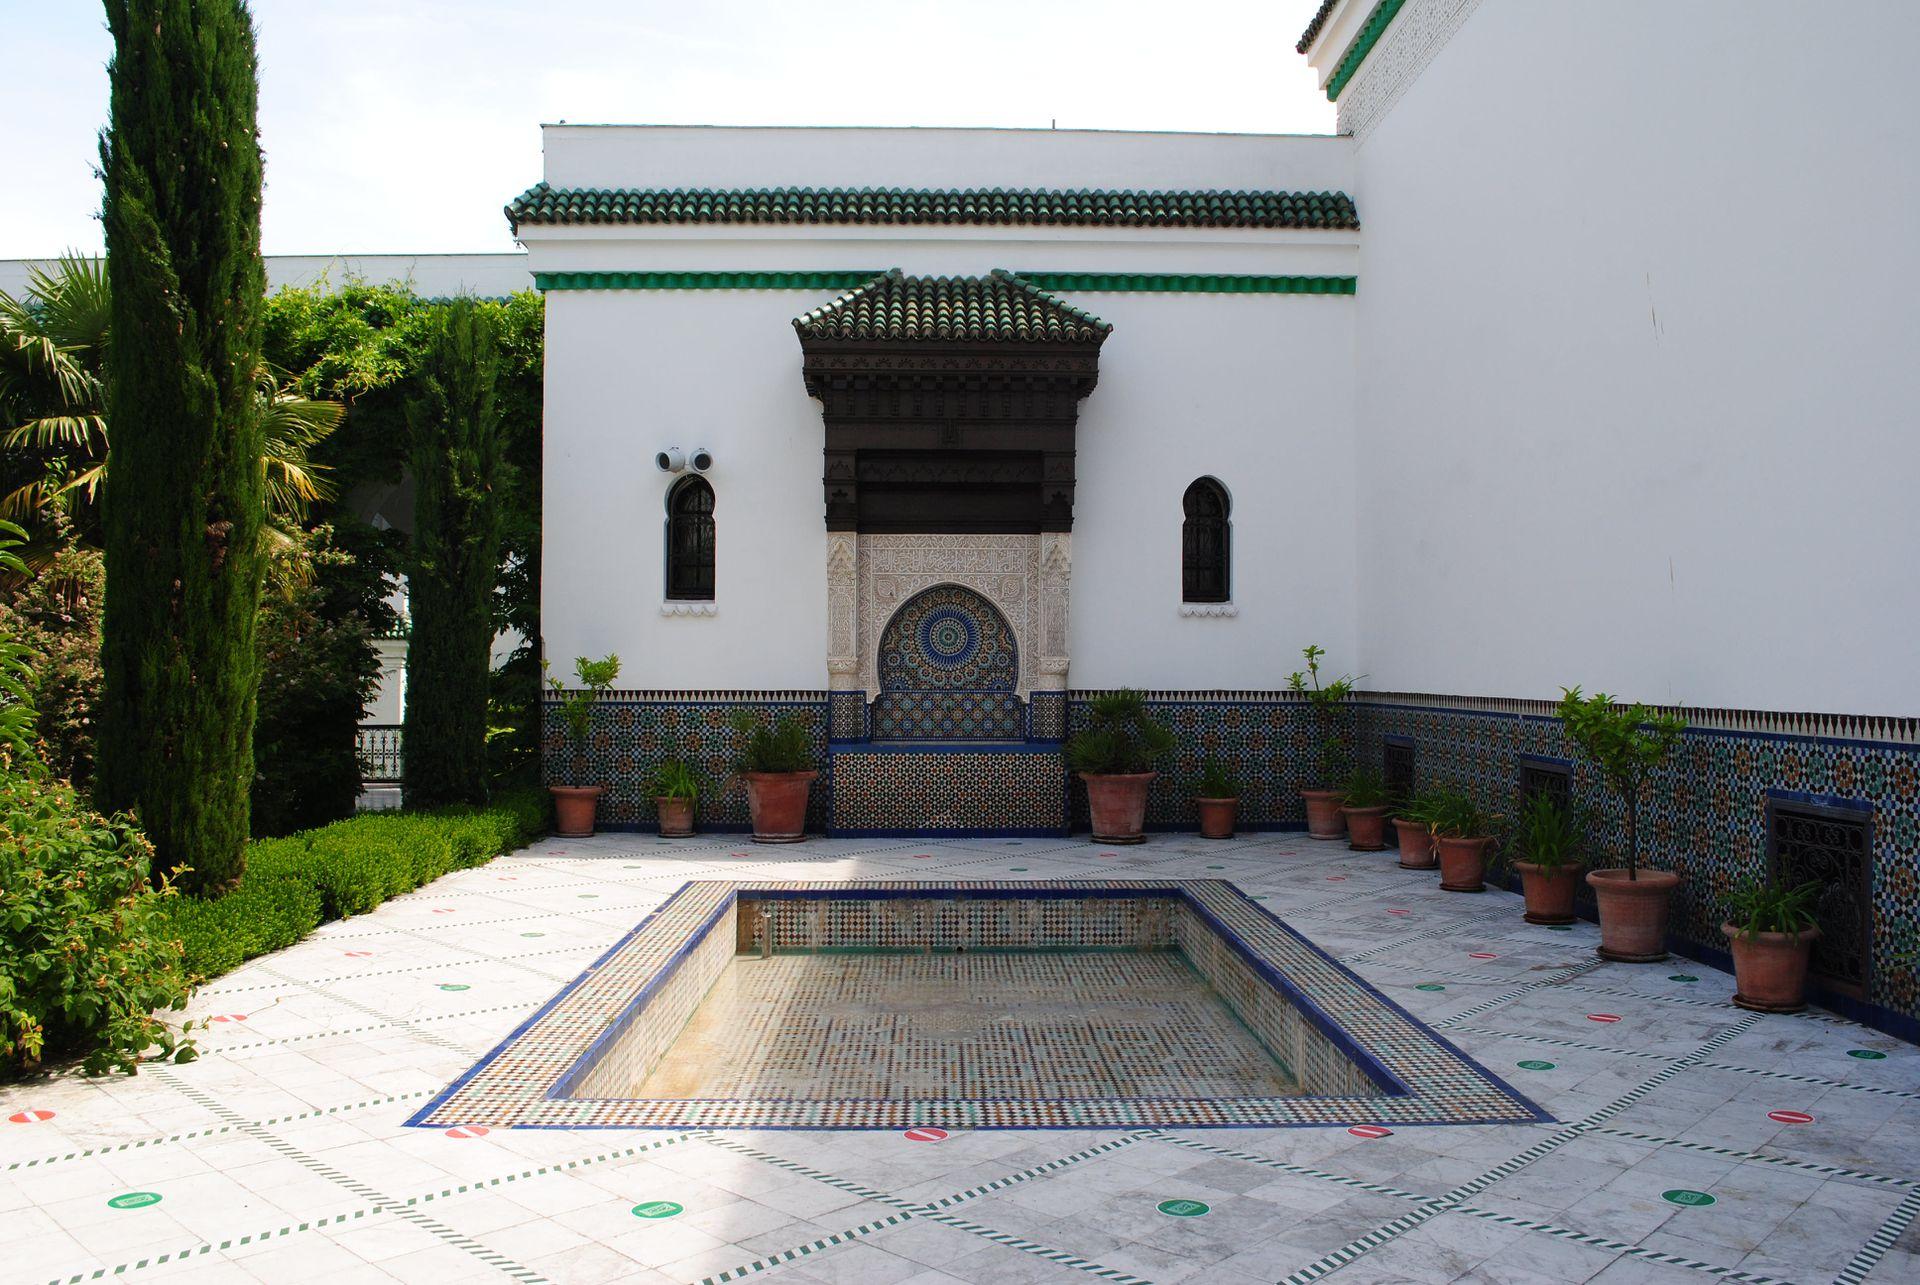 La Gran Mezquita de París, en el Quartier Latin, es una de las visitas más interesantes de la ciudad.